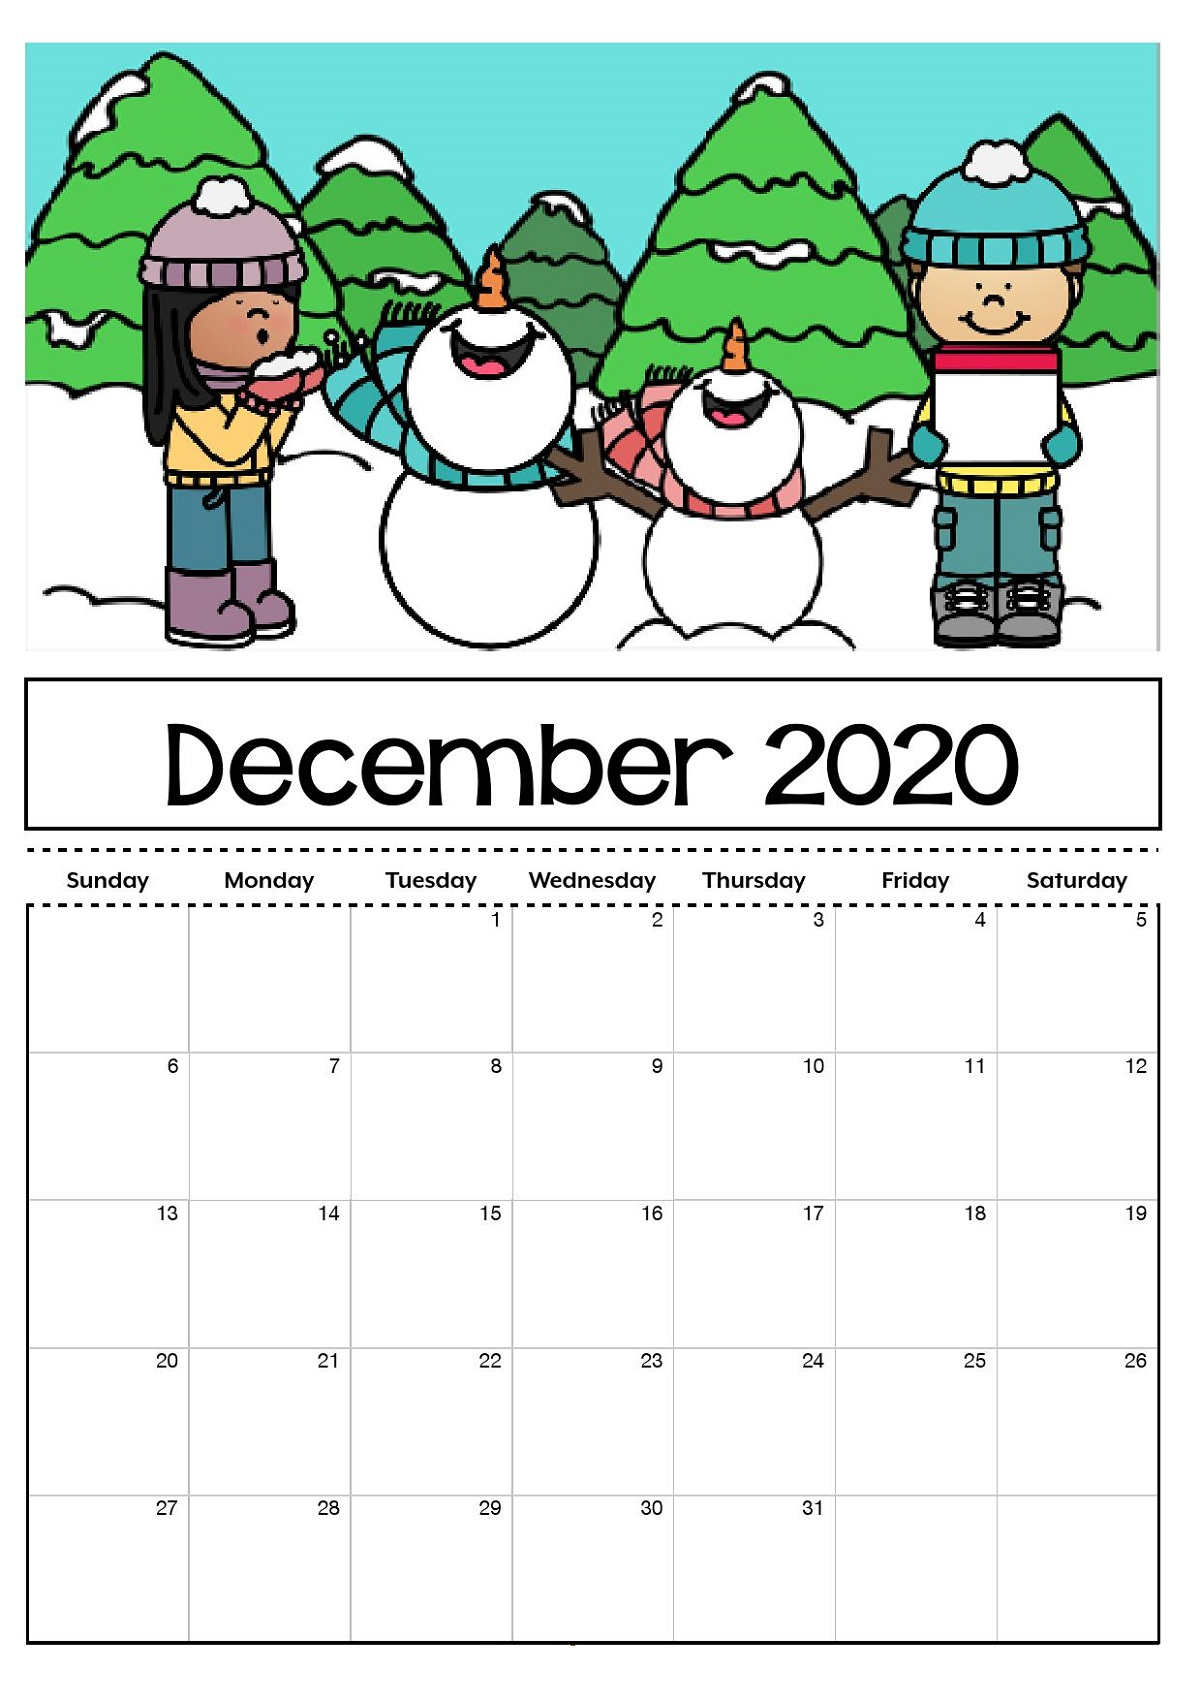 December 2021 Calendar for Kids